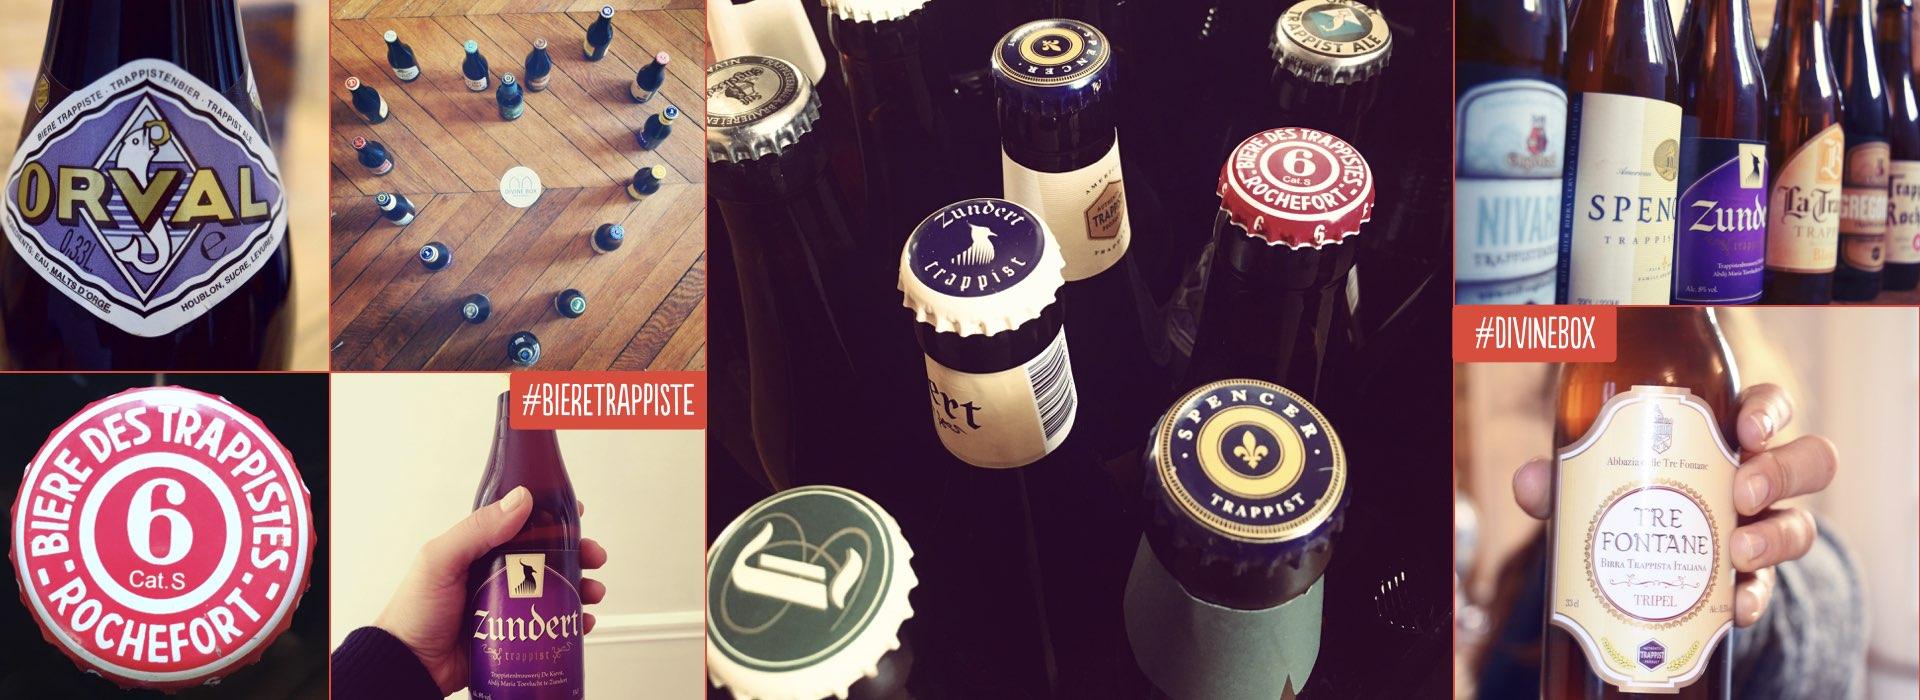 Bandeau #divinebox bière trappiste desktop